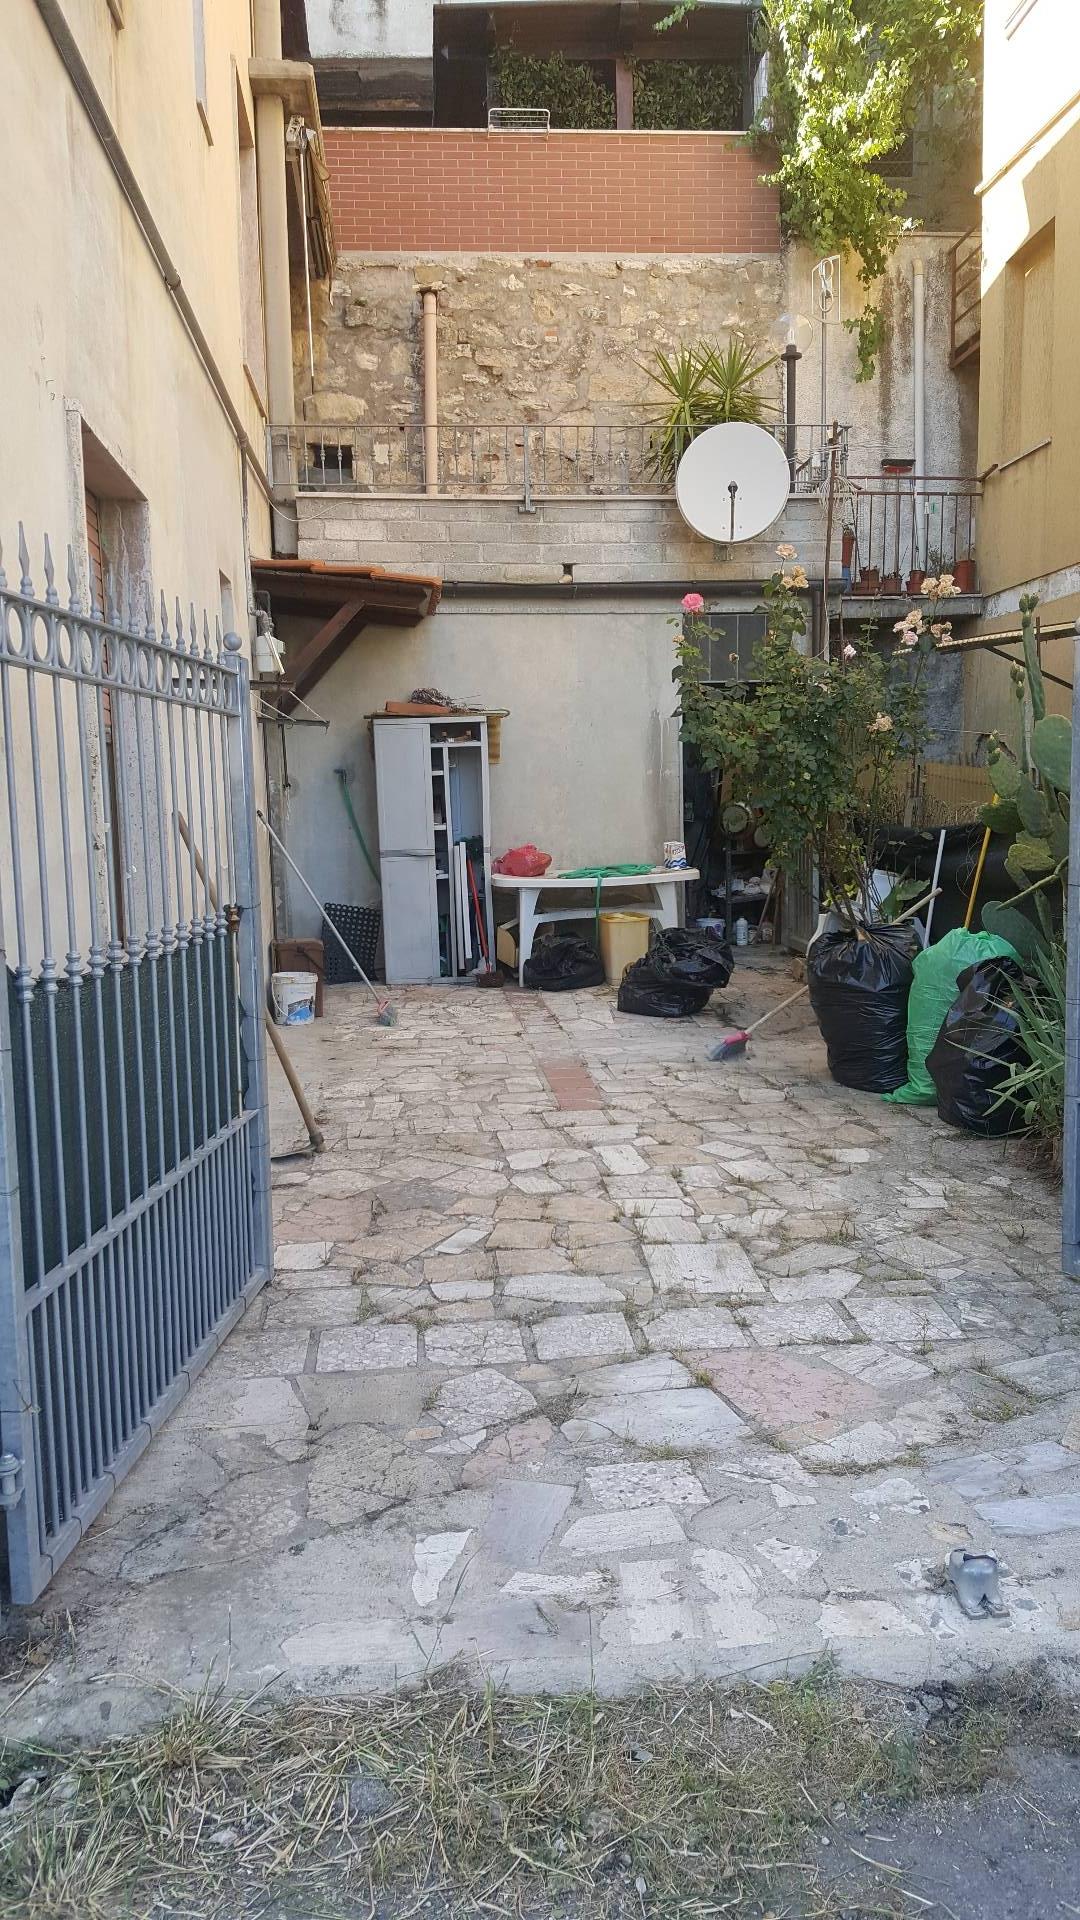 Appartamento in vendita a Ascoli Piceno, 4 locali, zona Località: CampoParignano, prezzo € 75.000 | Cambio Casa.it